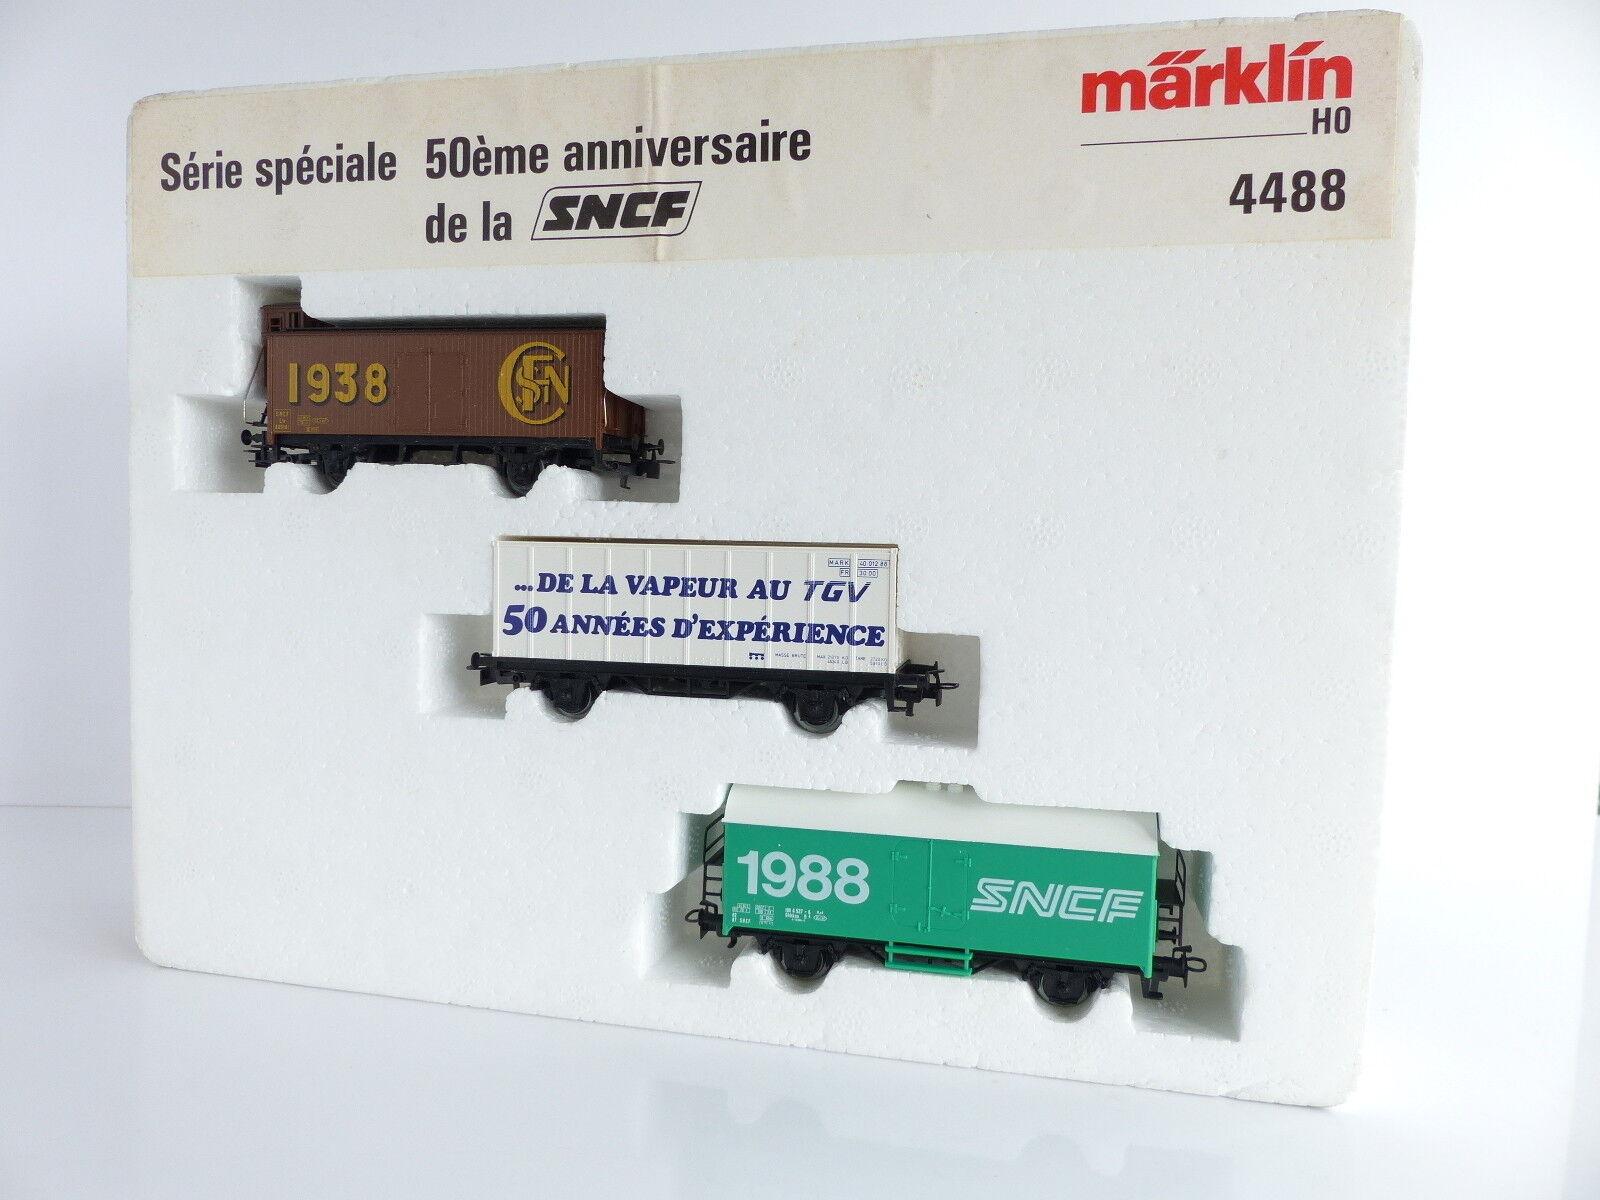 MARKLIN COFFRET DE 3 WAGONS SERIE SPECIALE 50E ANNIVERSAIRE DE LA SNCF REF 448